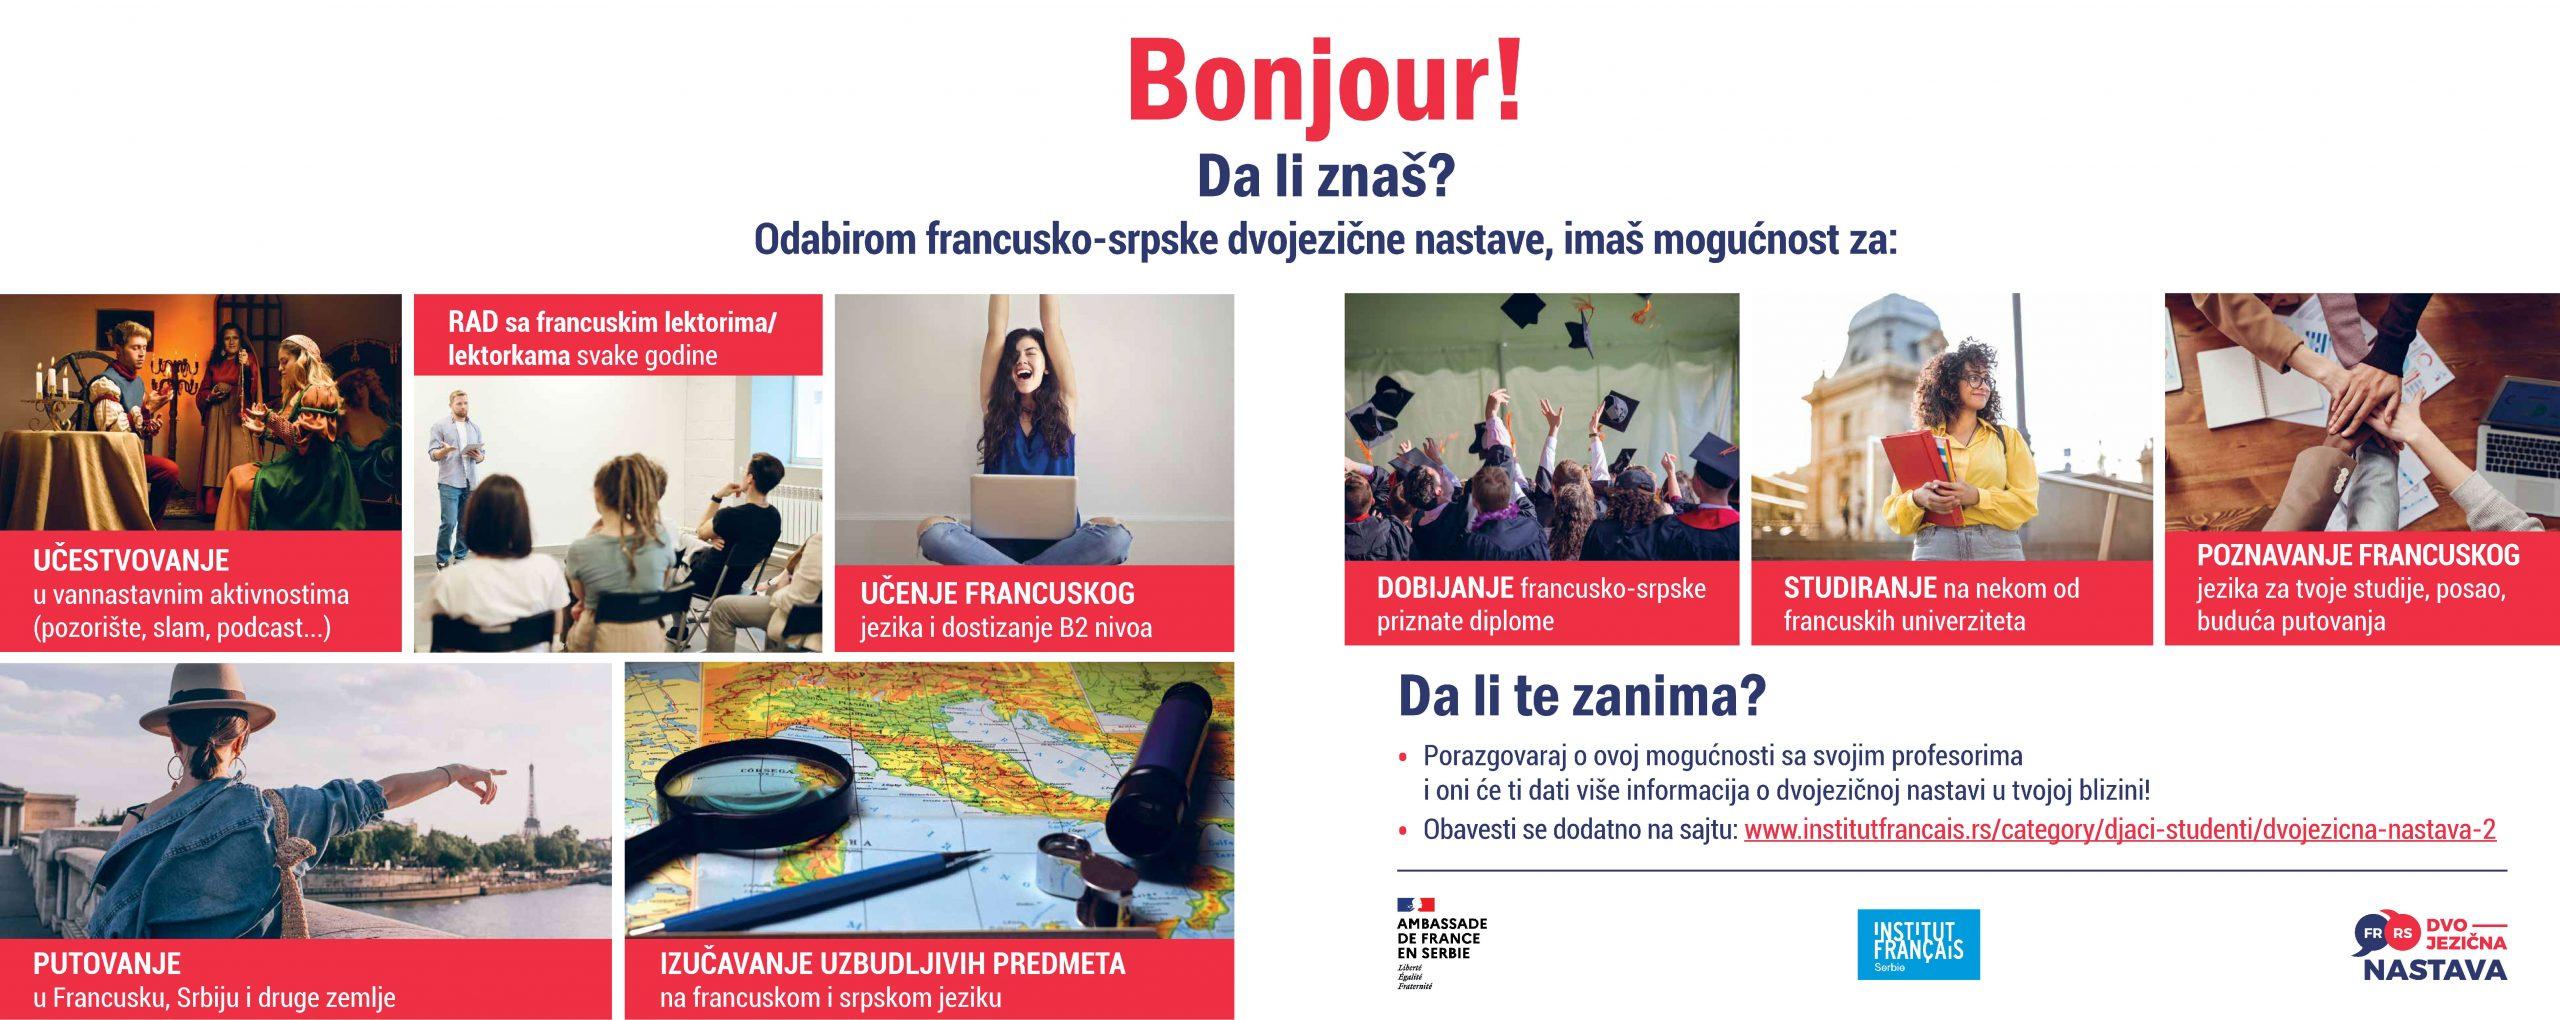 Двојезично српско-француско